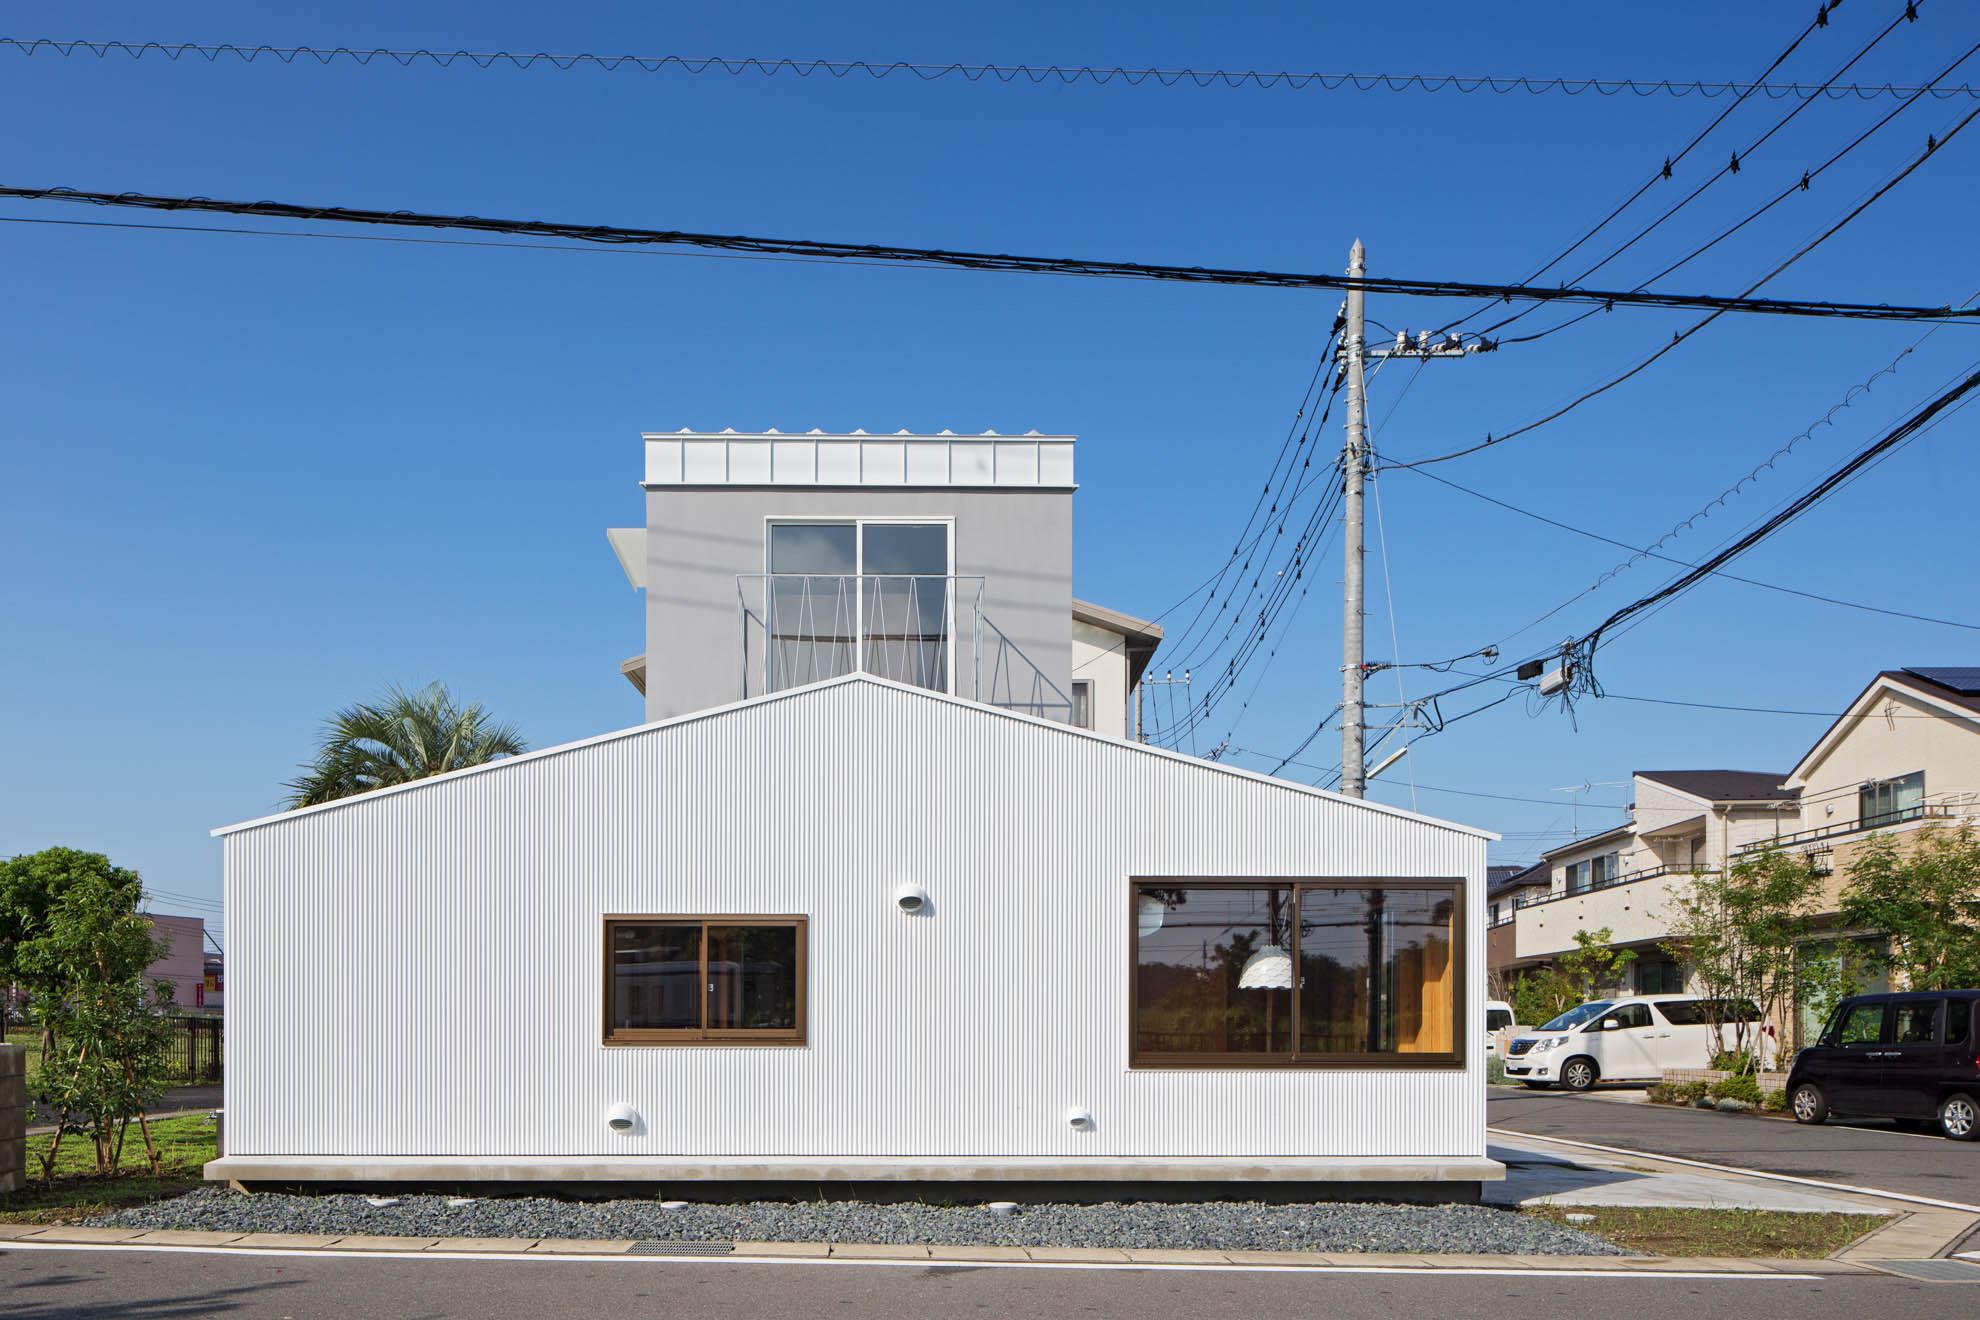 土間と縁側の2つの半屋外空間を持つ家の建築事例写真